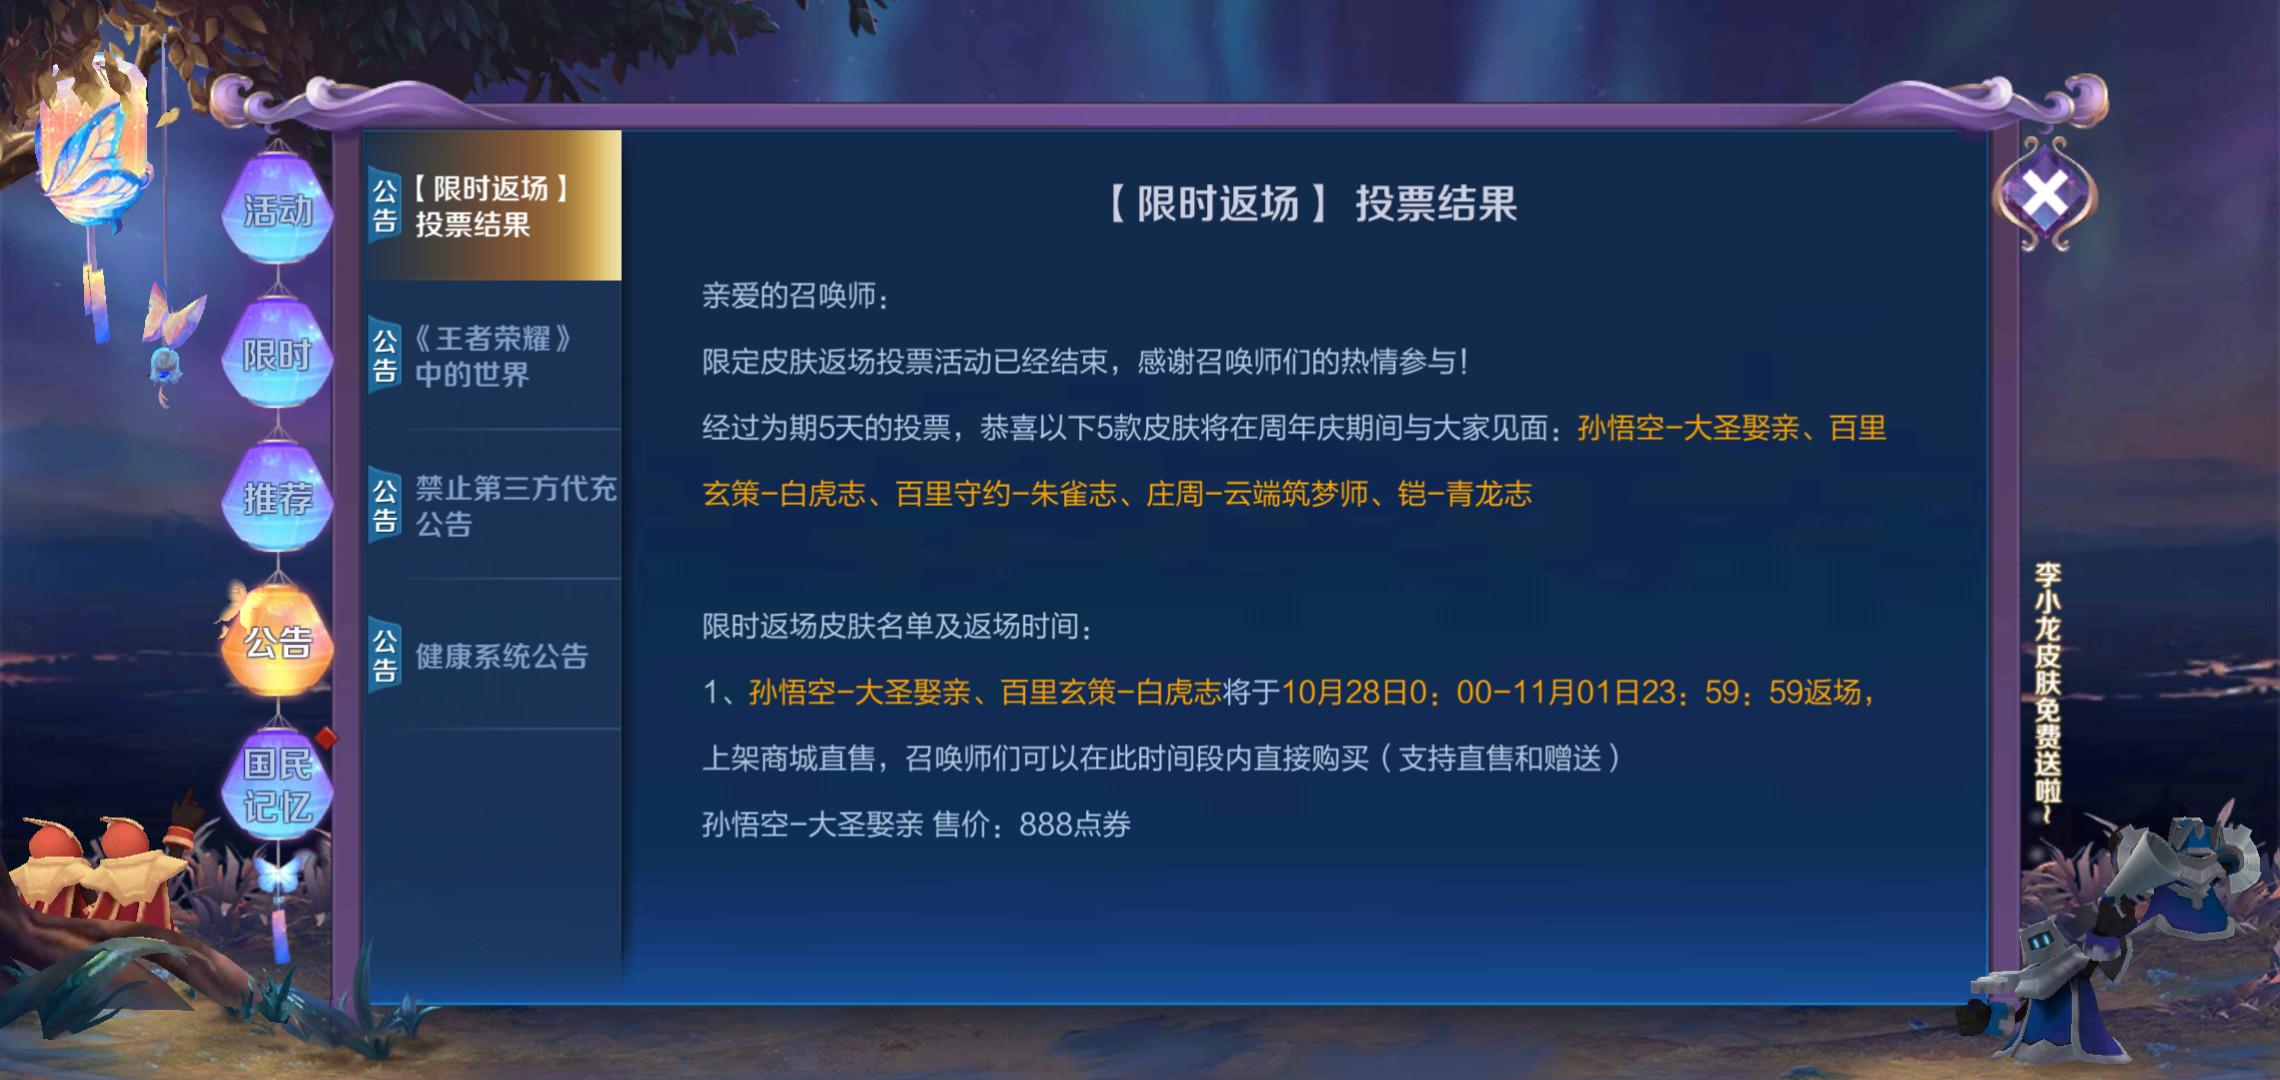 颜表立_投票结果公布后,大量玩家开始后悔,看到原因,晚了!